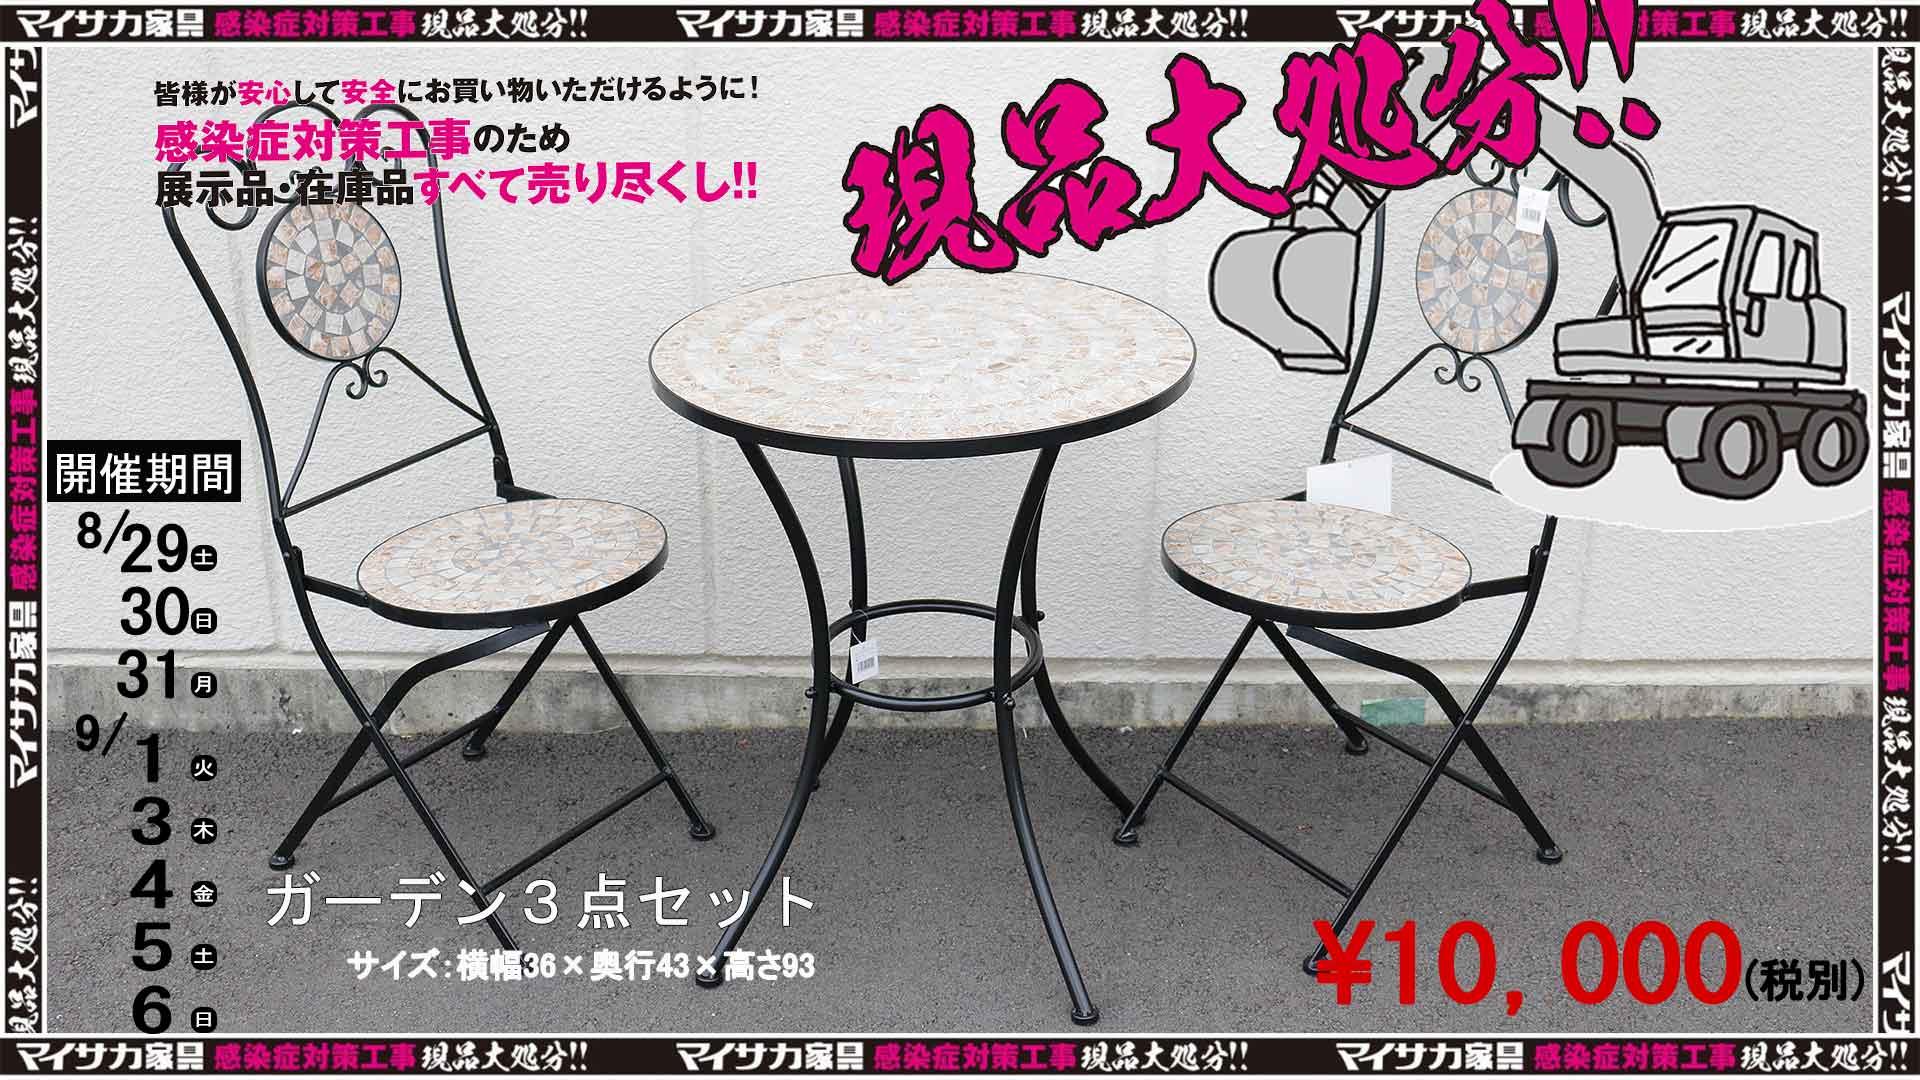 モザイク柄のガーデンテーブル3点セットの画像